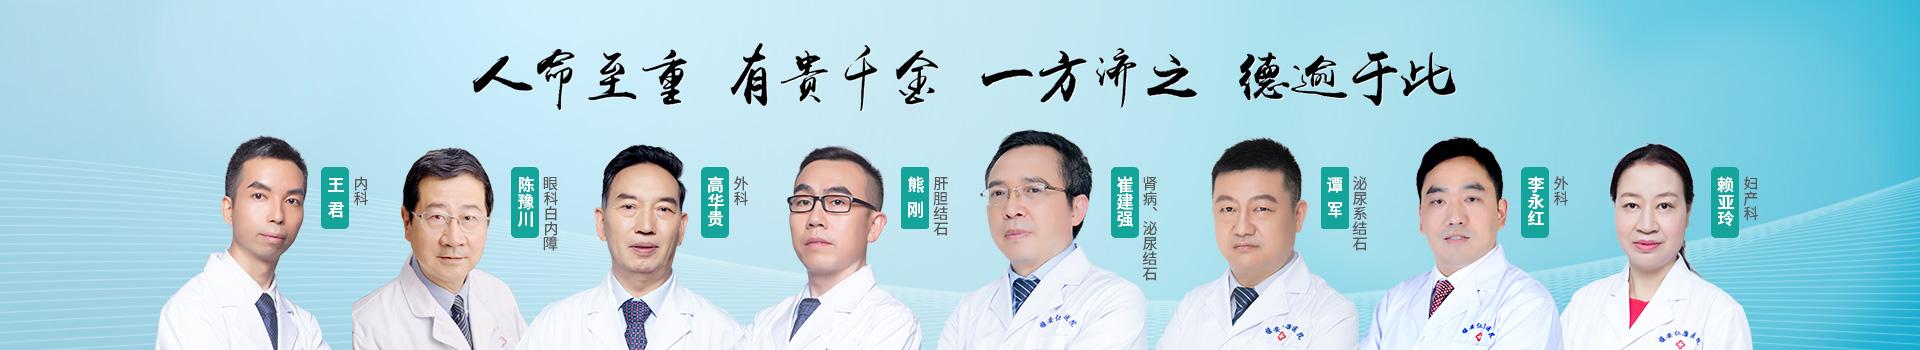 雅安仁康 30年临床经验专家坐诊